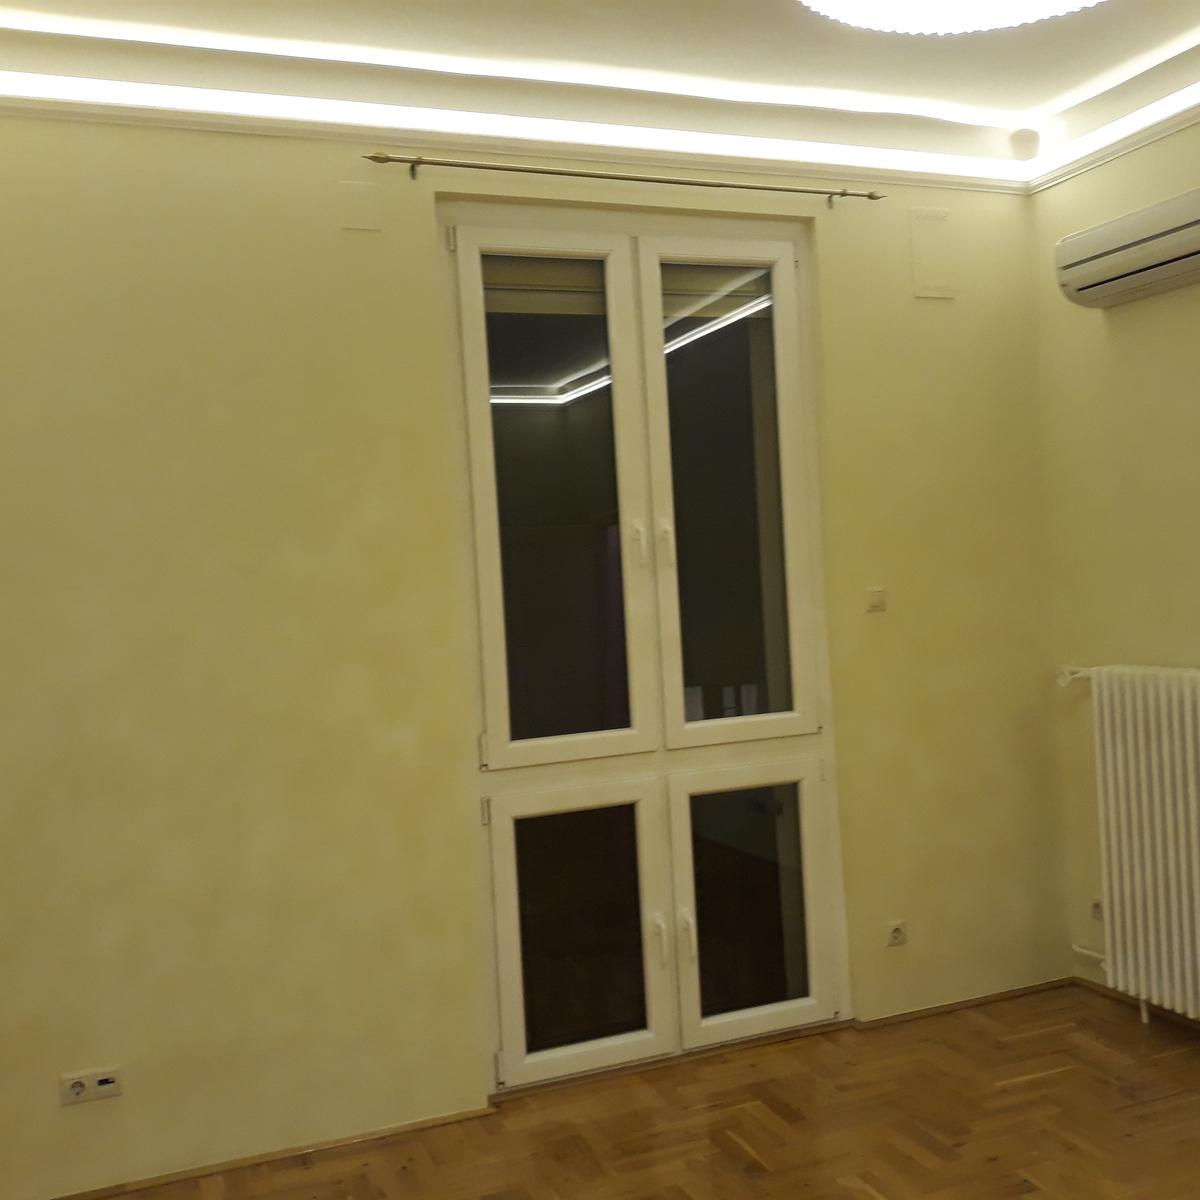 Kiadó  téglalakás (Budapest, I. kerületBudapest, I. kerület, Attila út) 170 E  Ft/hó